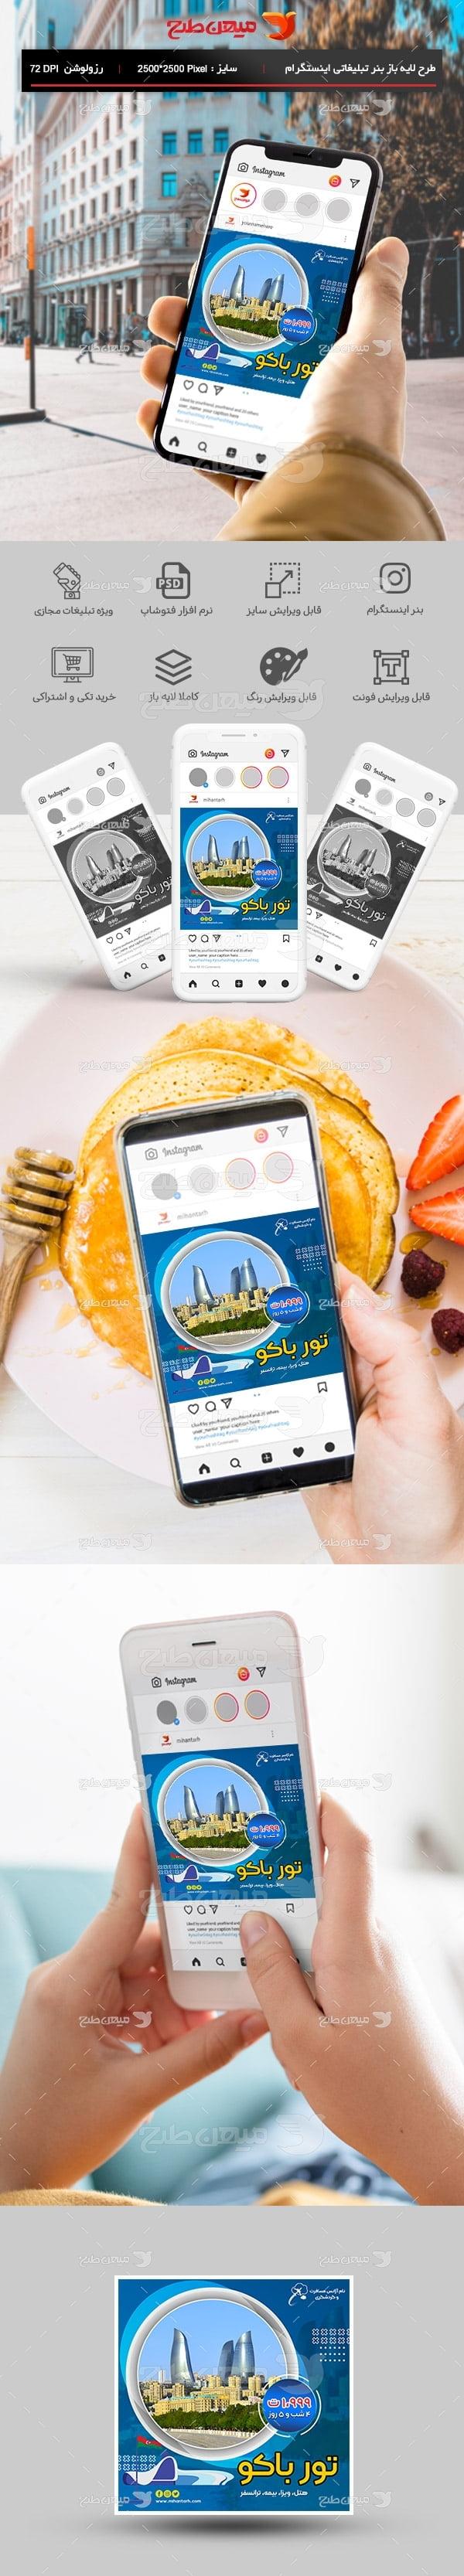 بنر اینستاگرام تور گردشگری باکو